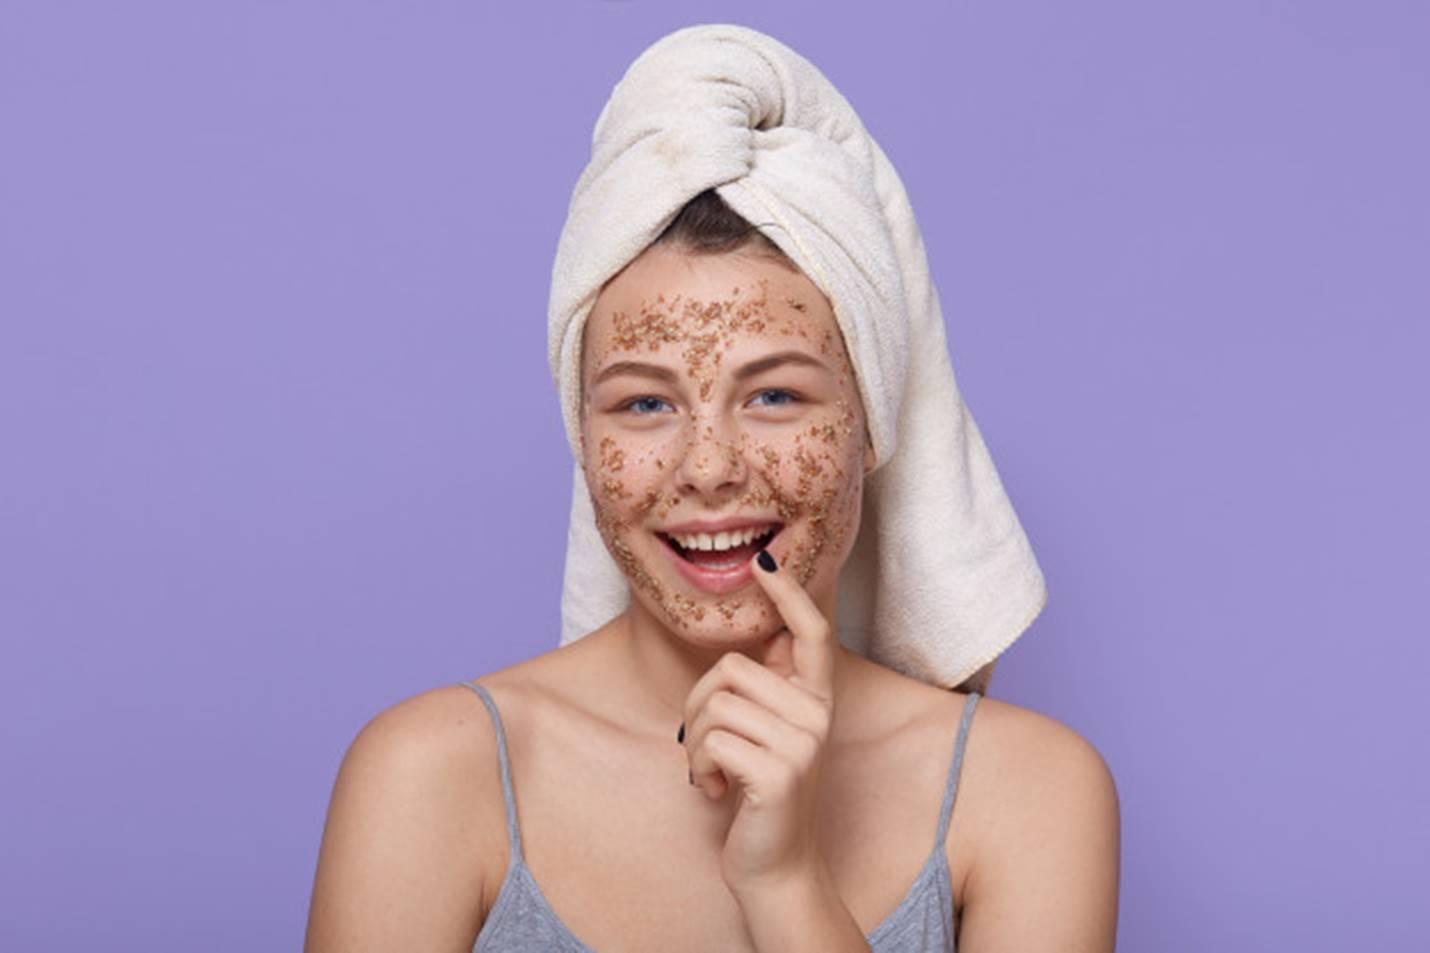 Esfoliantes naturais para remover manchas do rosto